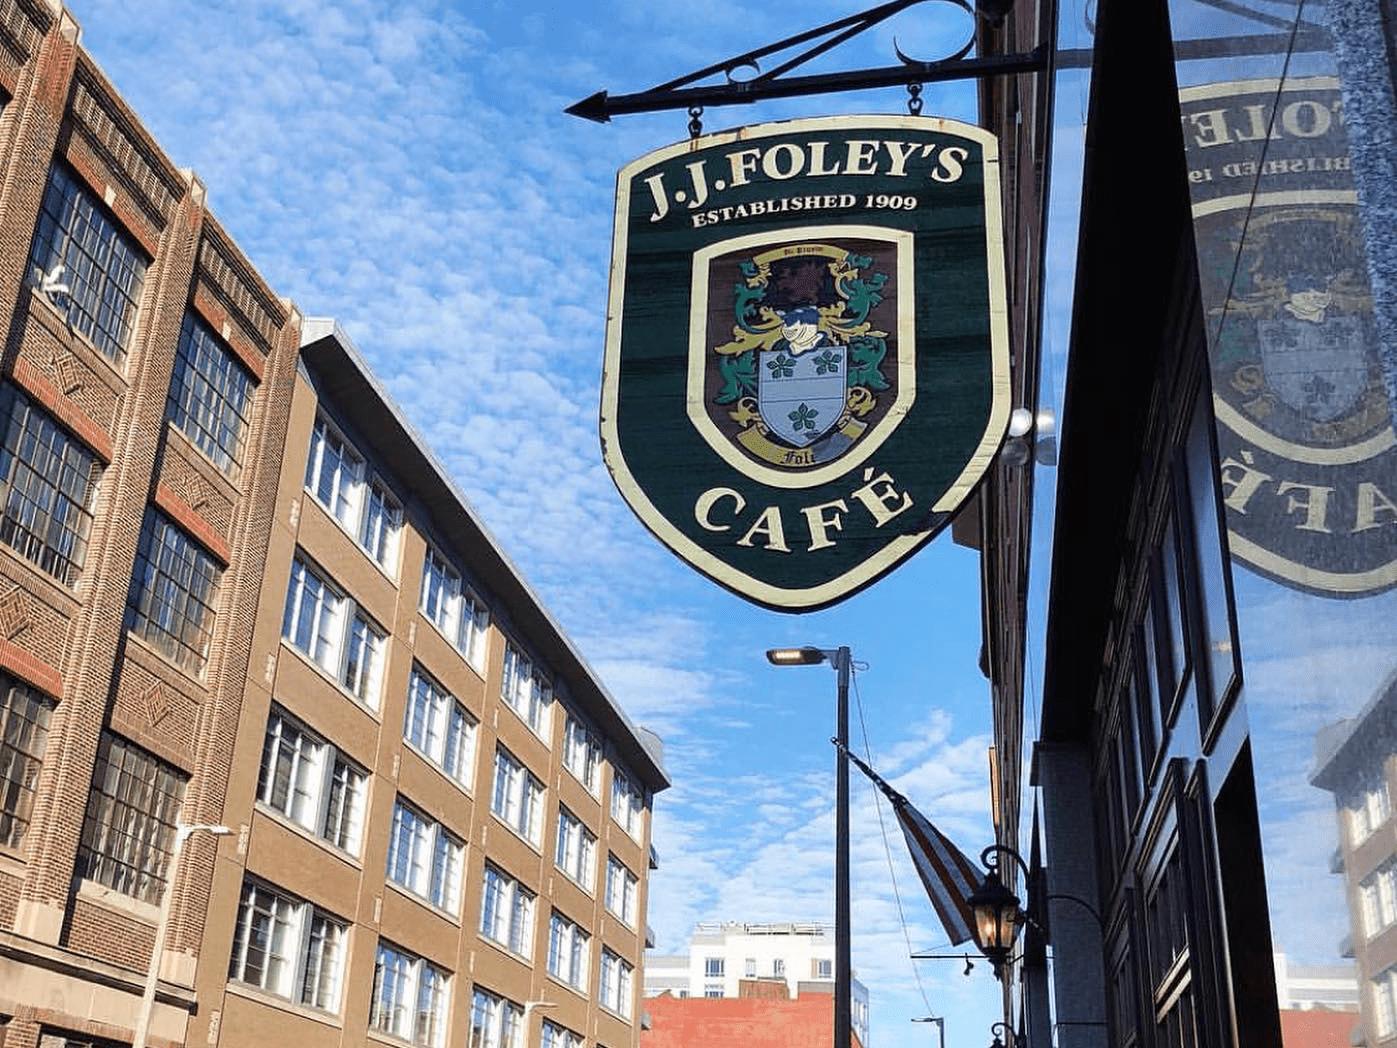 The Best Irish Bars In Boston Massachusetts